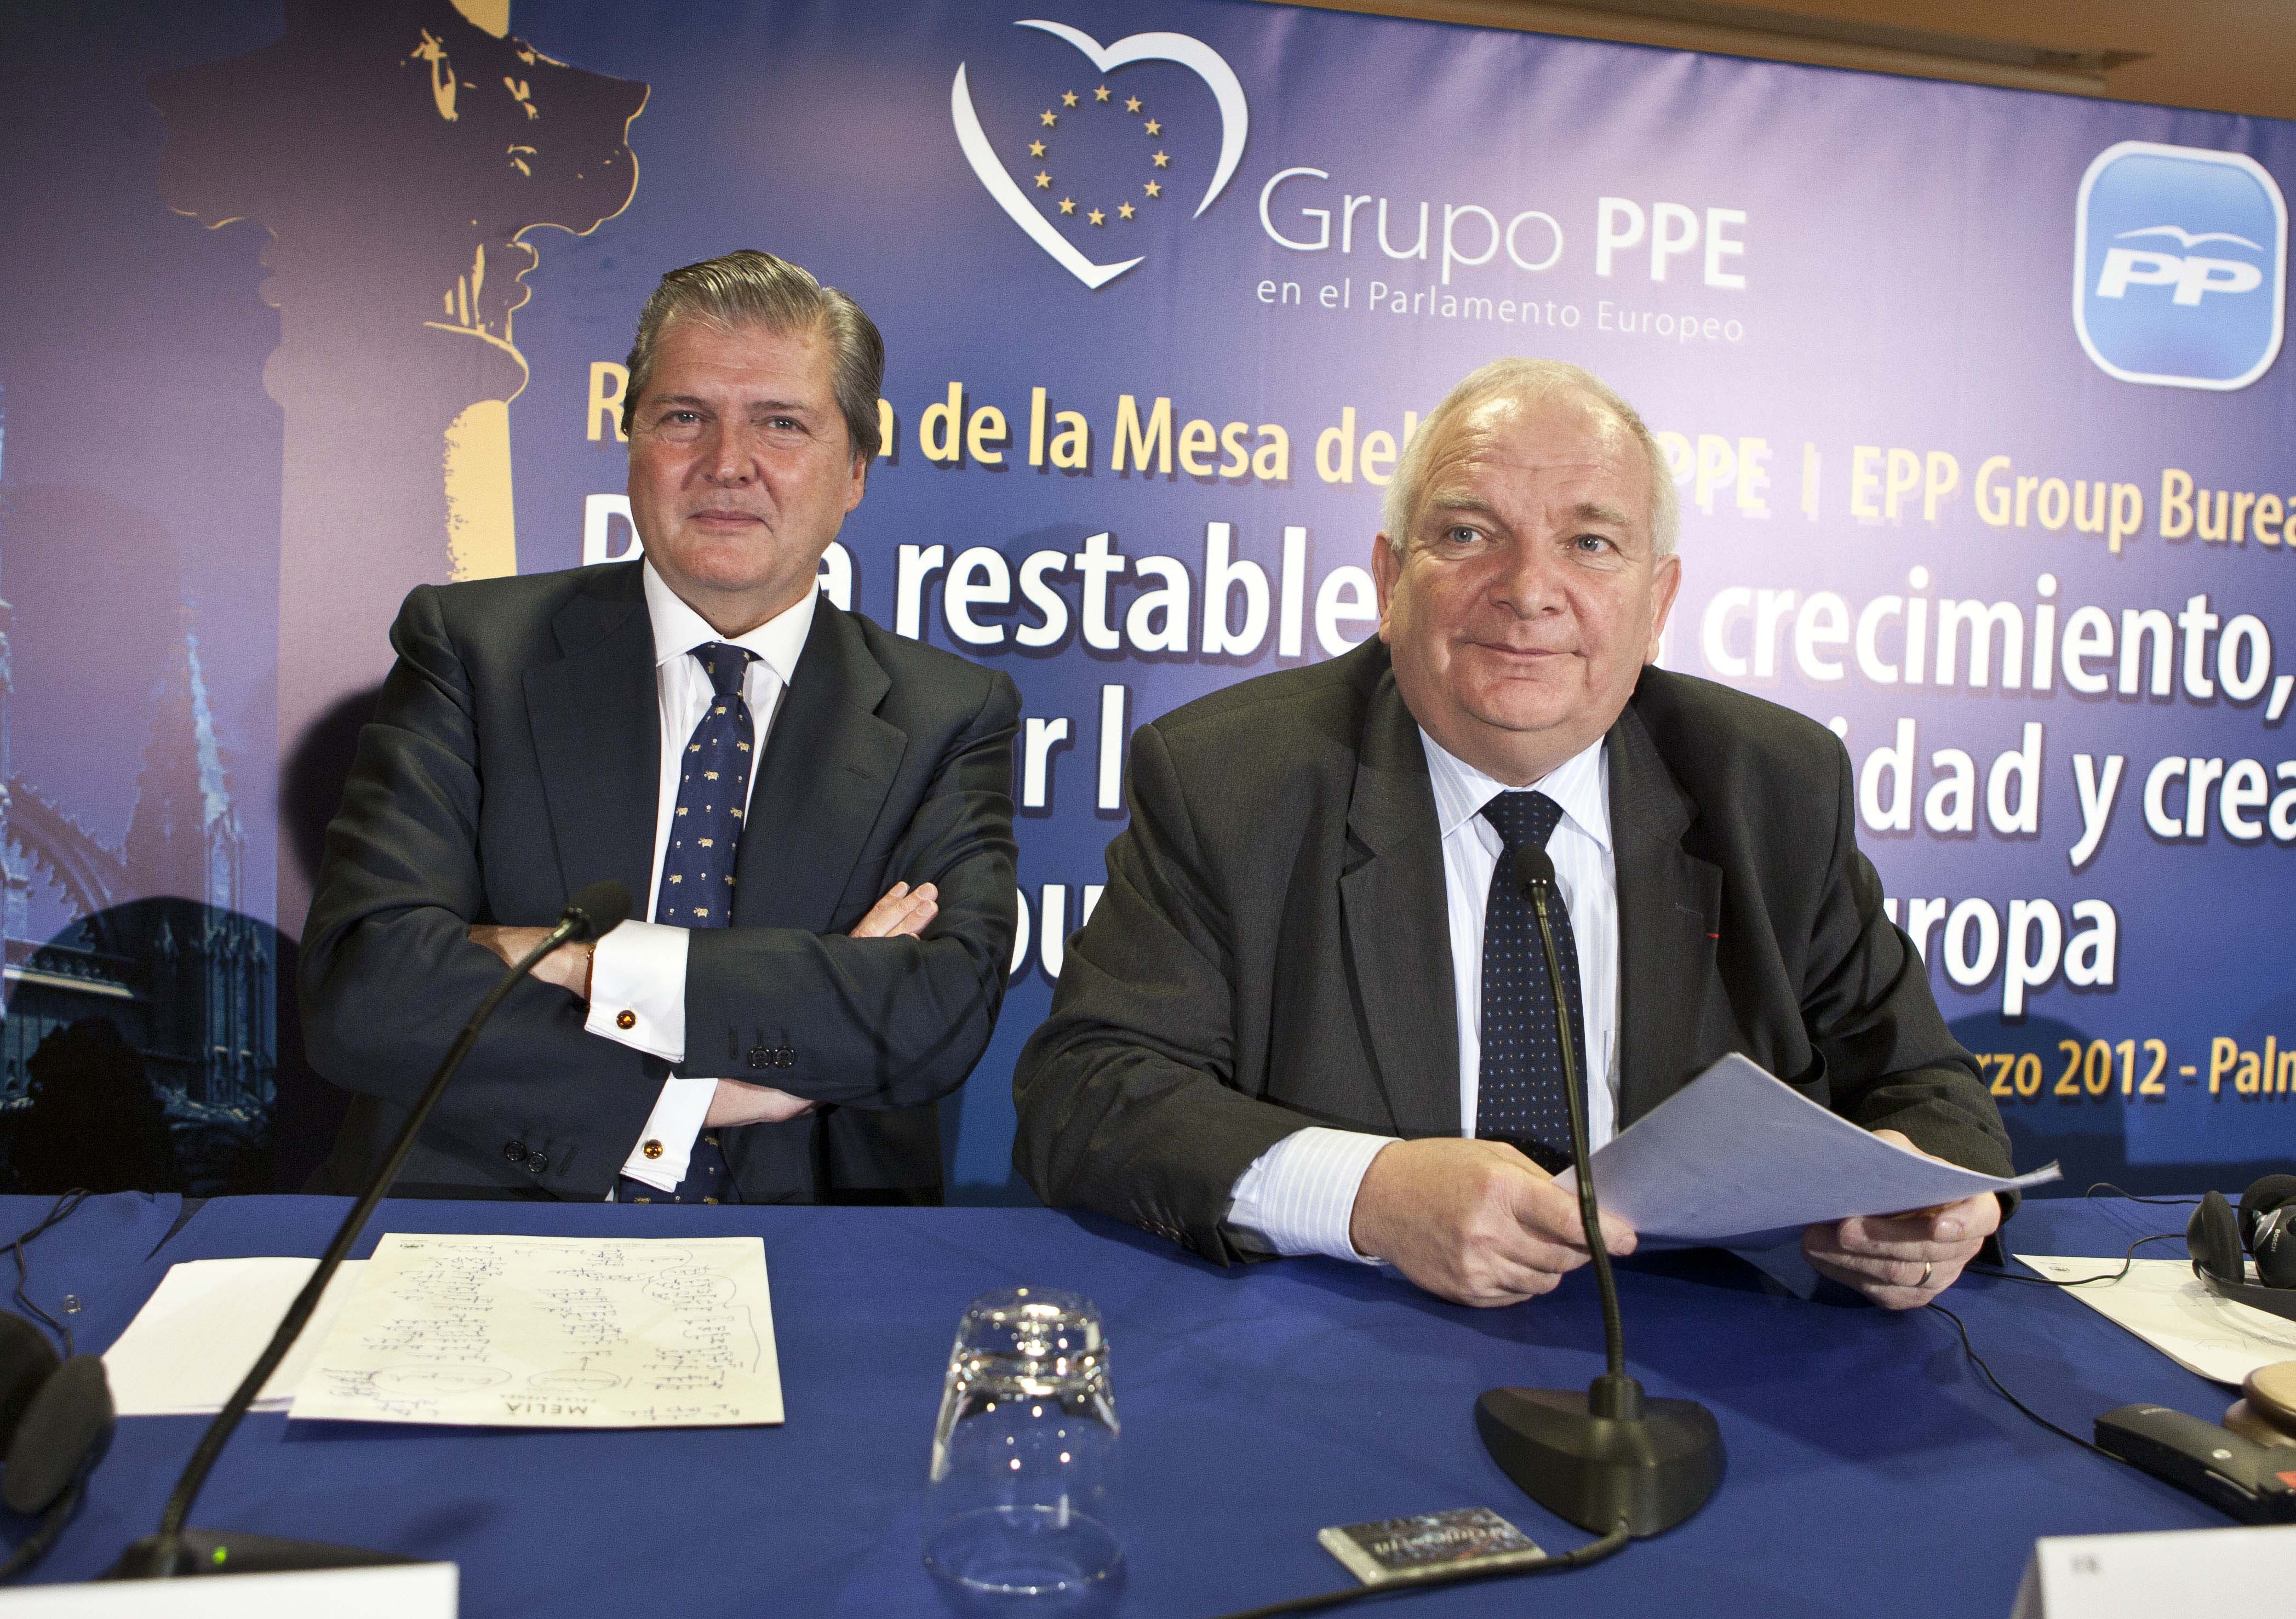 Epp group bureau meeting in palma de mallorca epp group in the